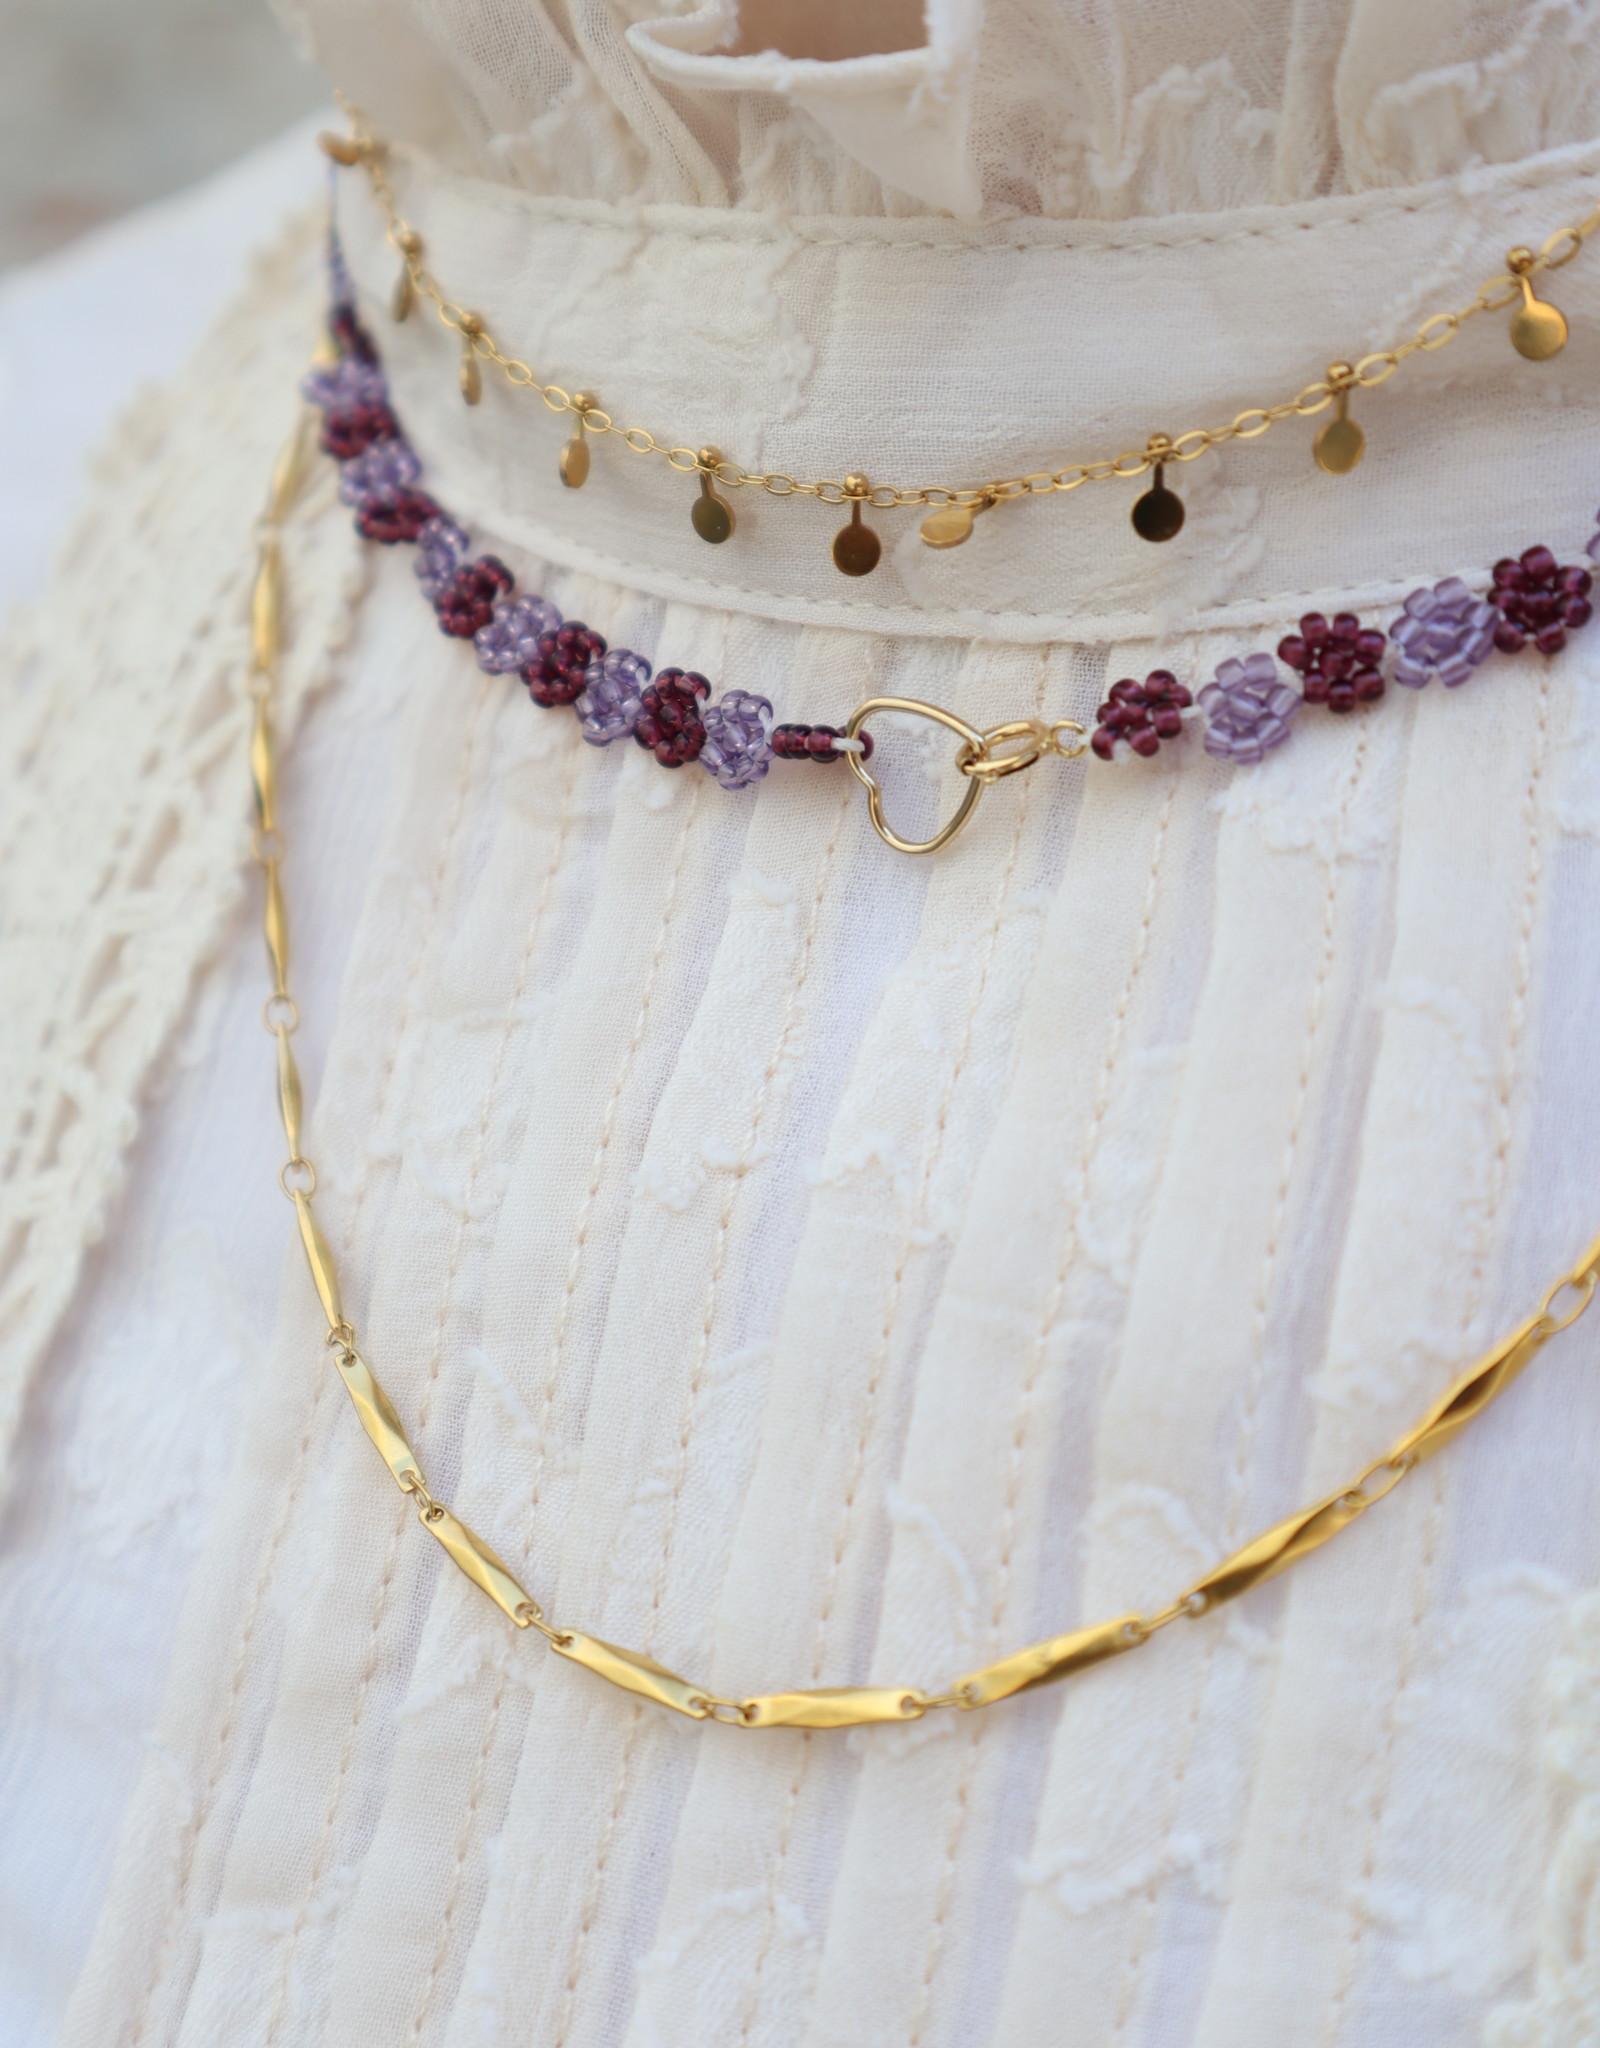 Atelier Labro Atelier Labro Fiori Allover Necklace